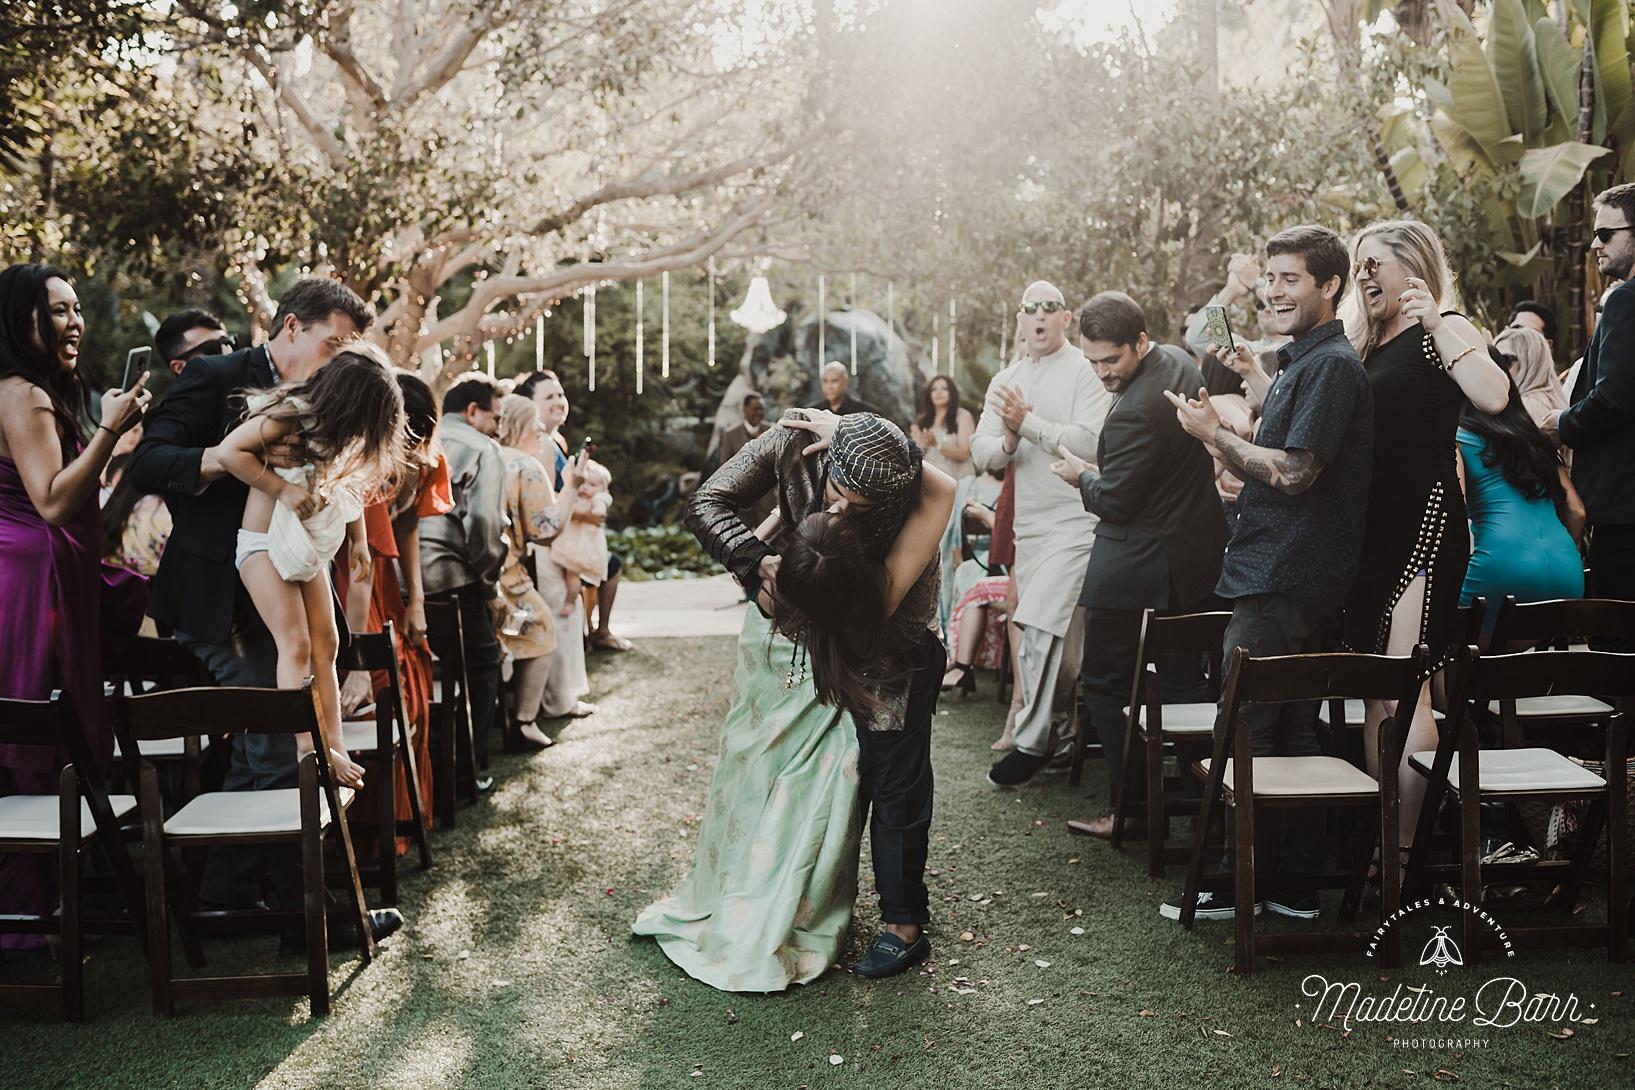 SanDiego_Multicultural_Elopement_Wedding0019.jpg